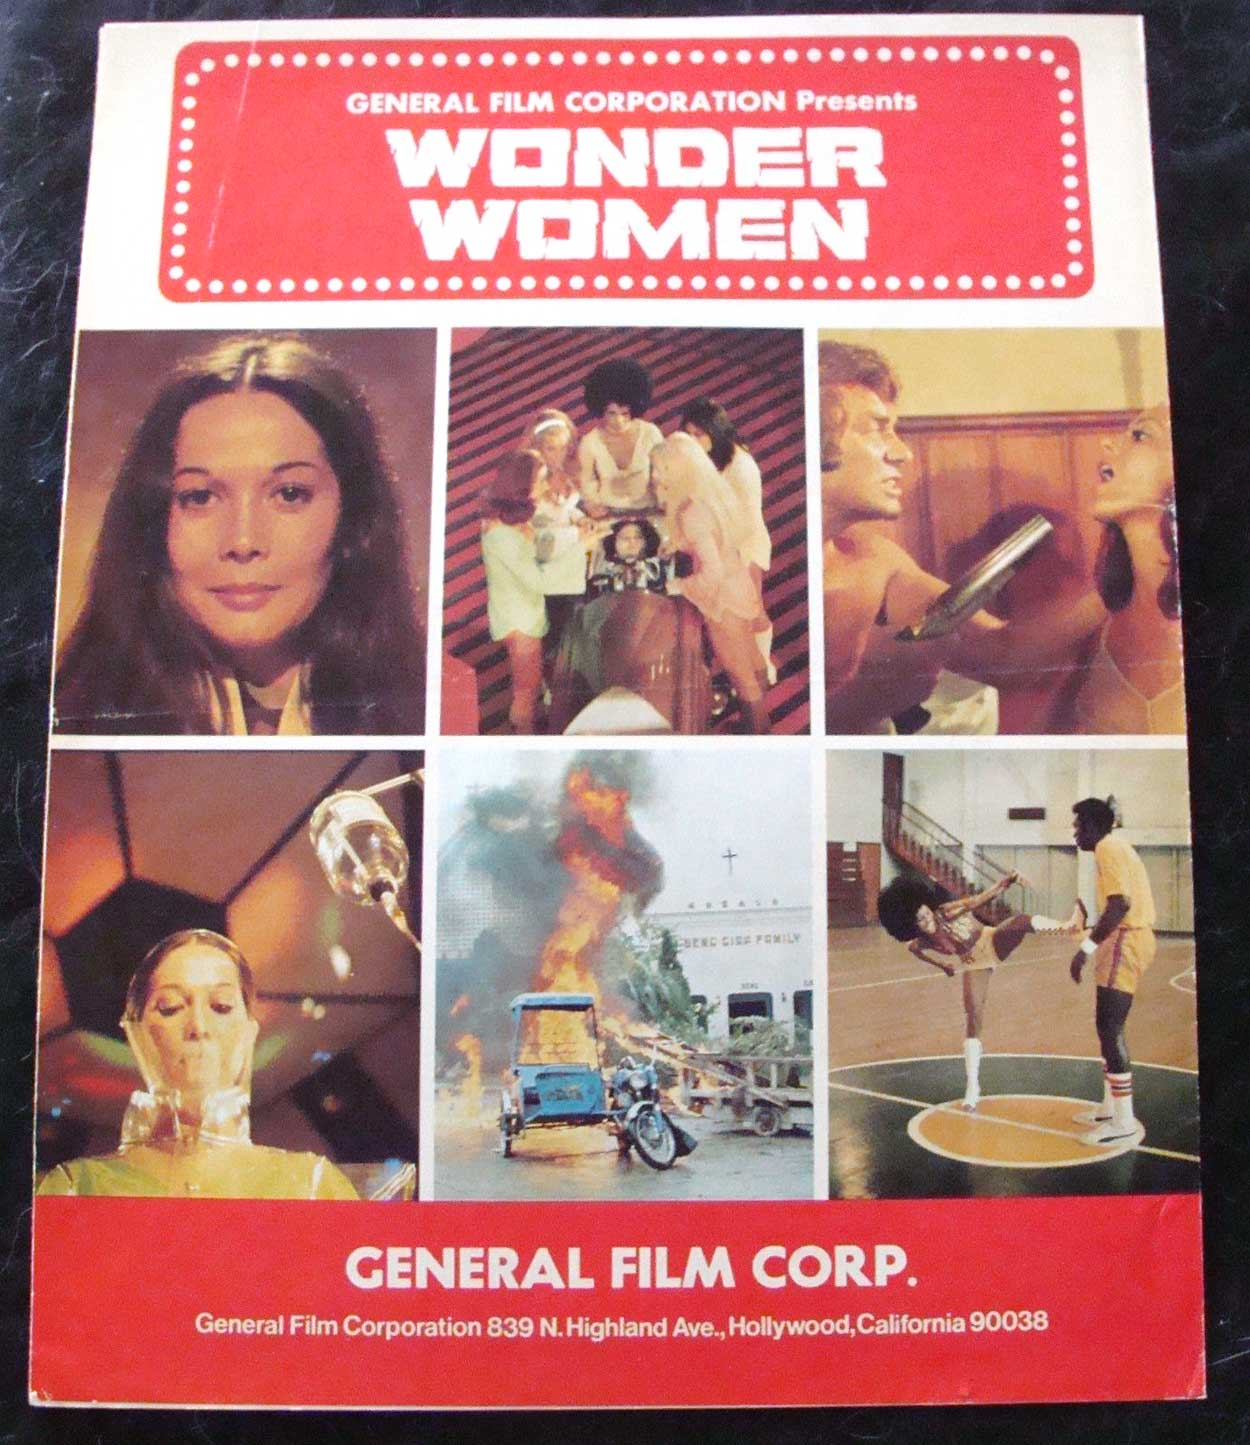 wonder-women-pressbook